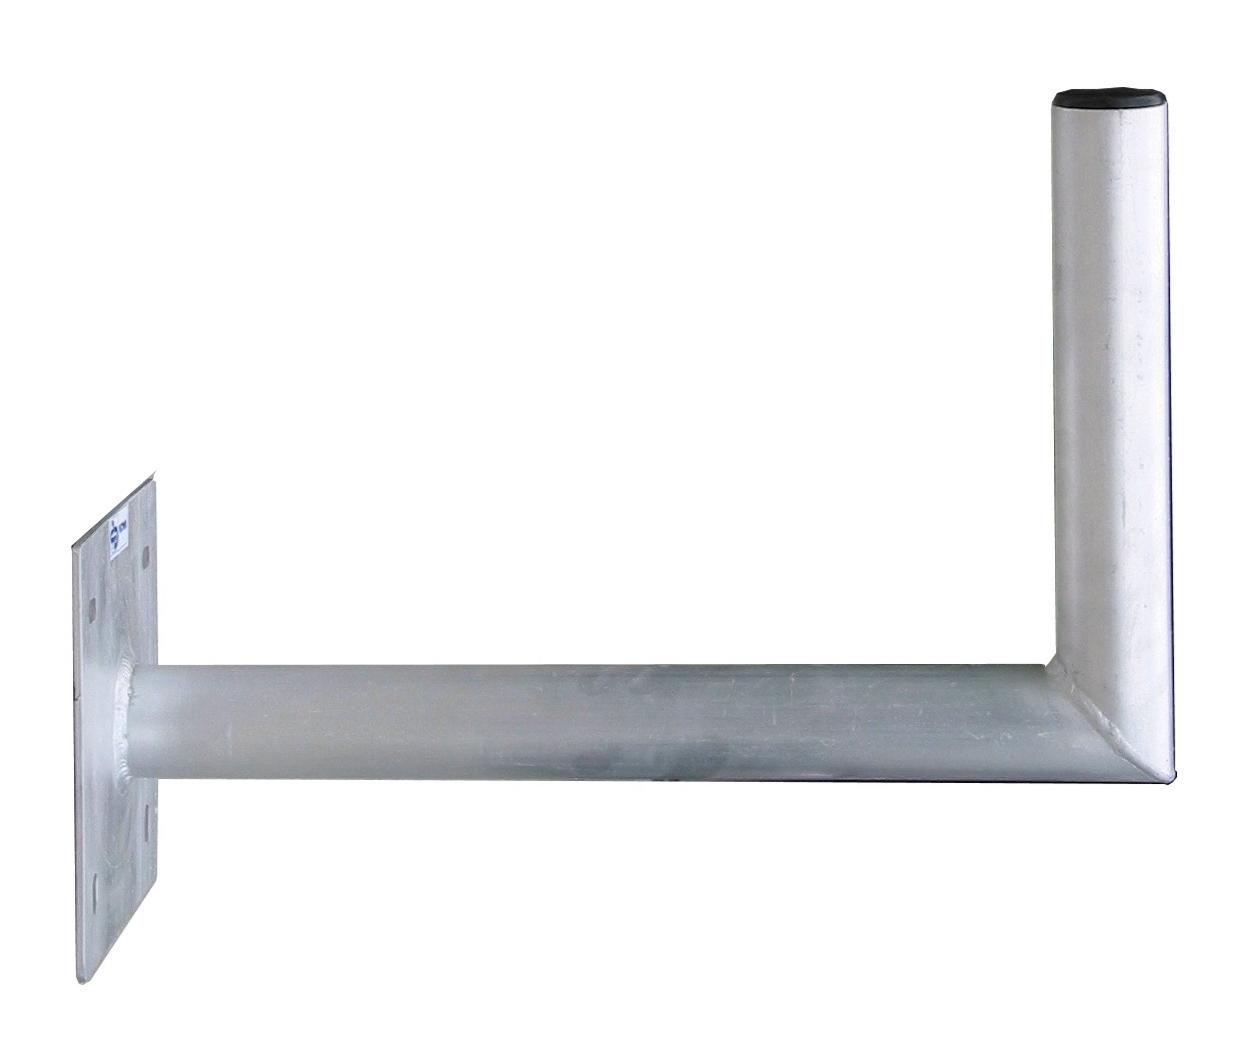 1 Stk SAT Wandhalter,Wandabst.=450mm,H=250mm,175x175mm,DM=50mm,Alu HSATMW45A-